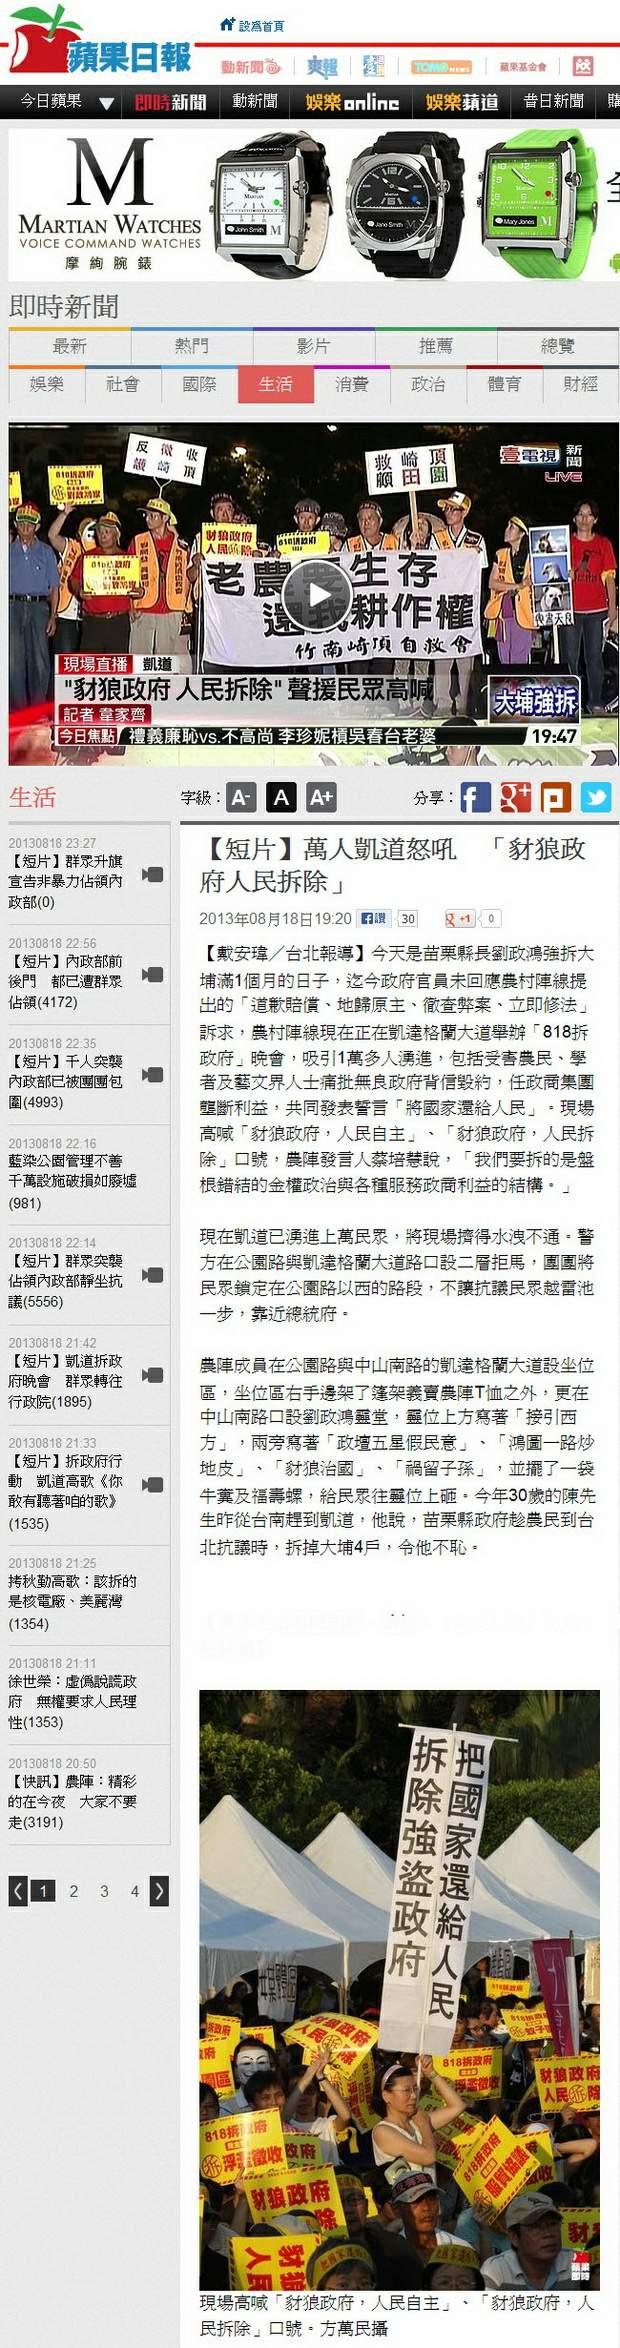 萬人凱道怒吼 「豺狼政府人民拆除」-2013.08.18.jpg